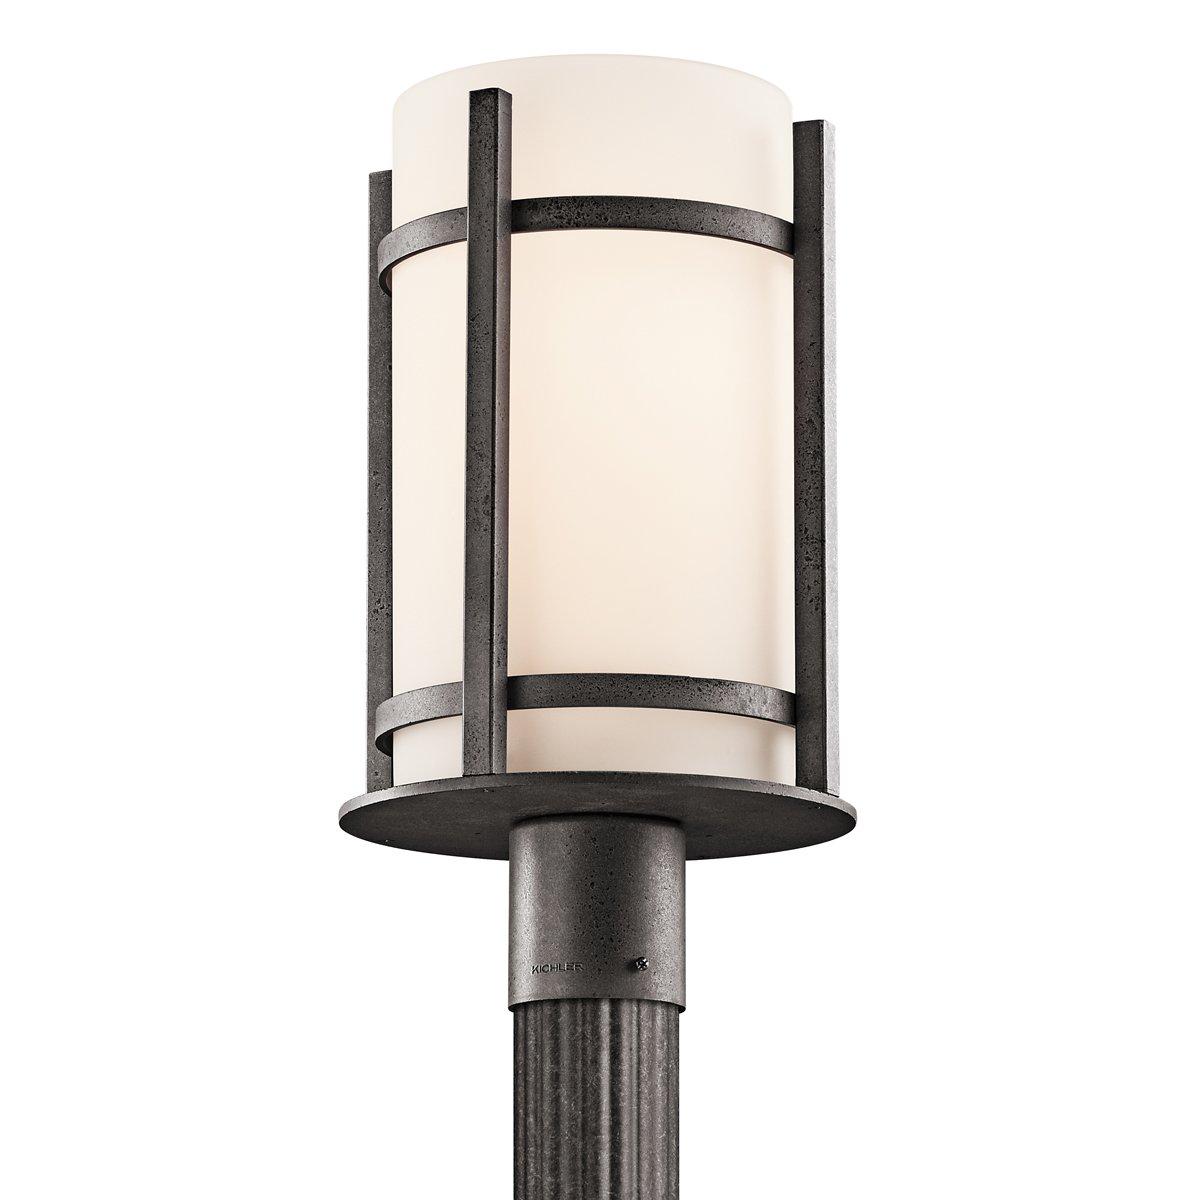 Kichler 49123AVI One Light Outdoor Post Mount by Kichler Lighting